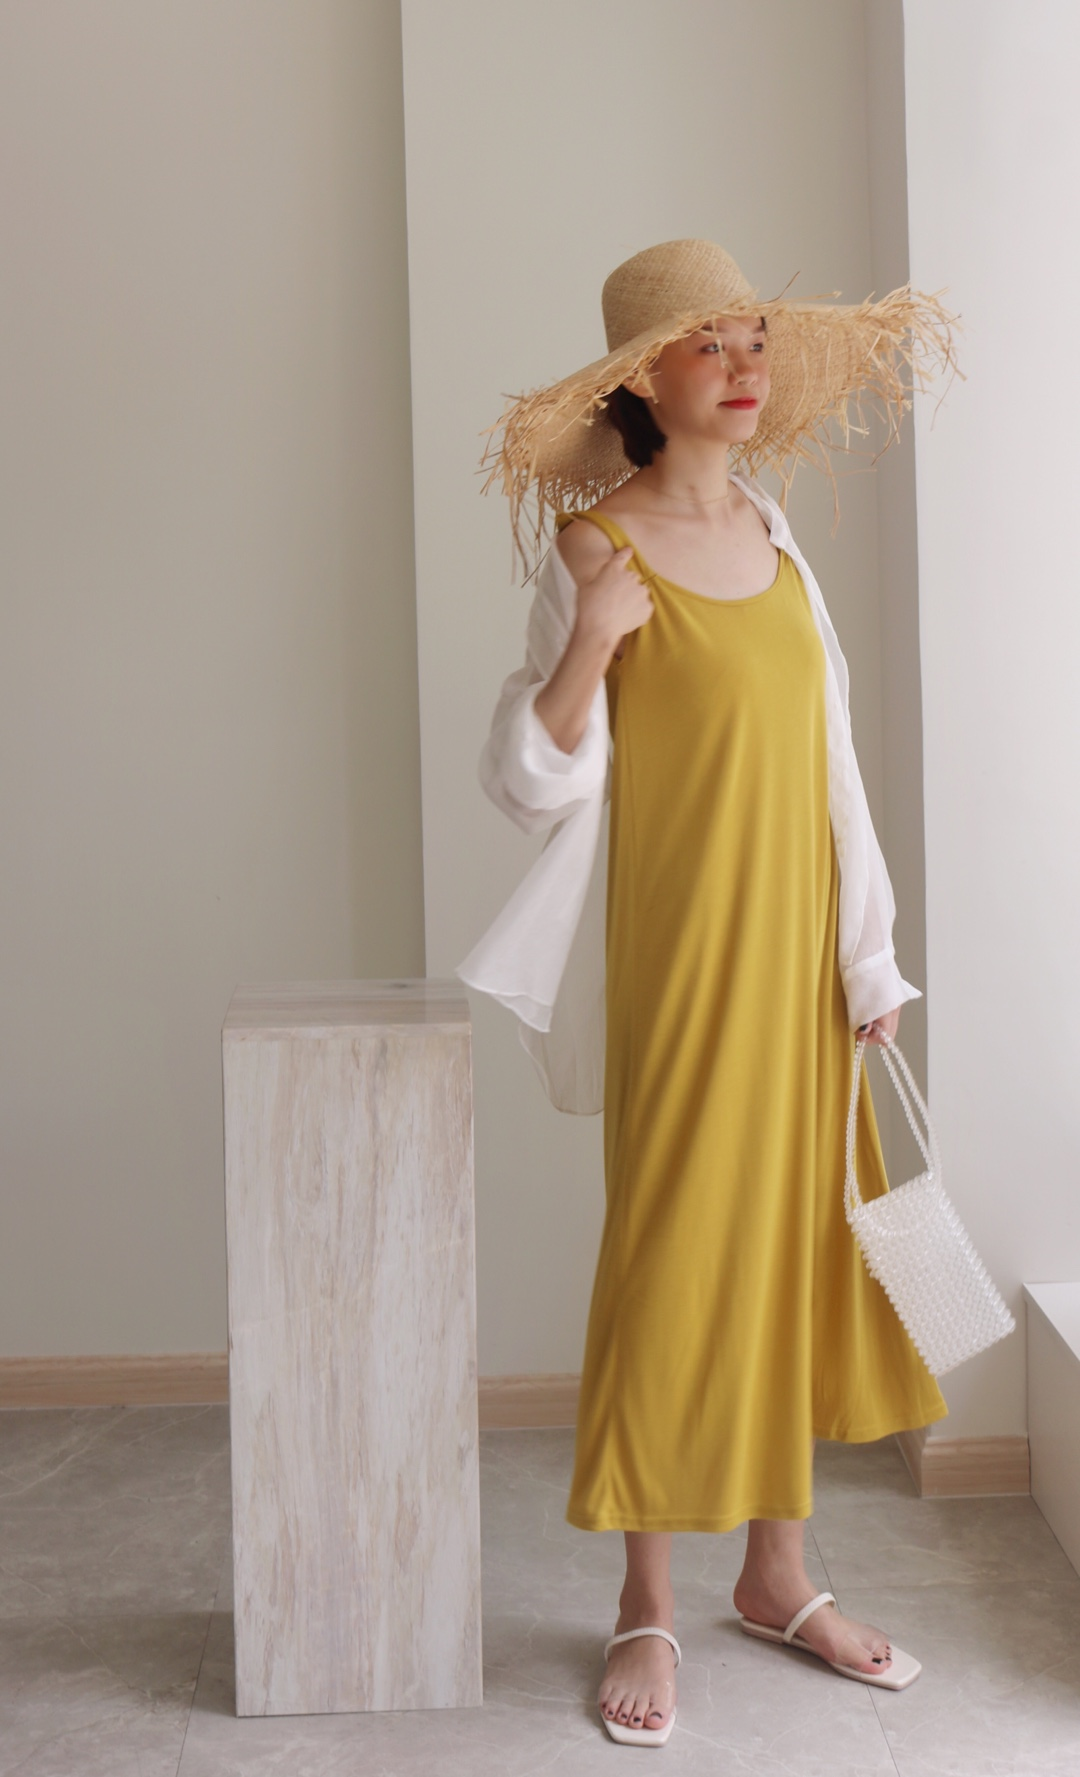 #夏天这样,穿防晒又美腻# 是显肤白显气色的黄 小黄裙又来啦💛 这一款的小设计在肩膀上 有个小结 透气的面料 搭配白色的防晒衫💮 草帽还是很代表夏天的 还有半拖 水晶包💠